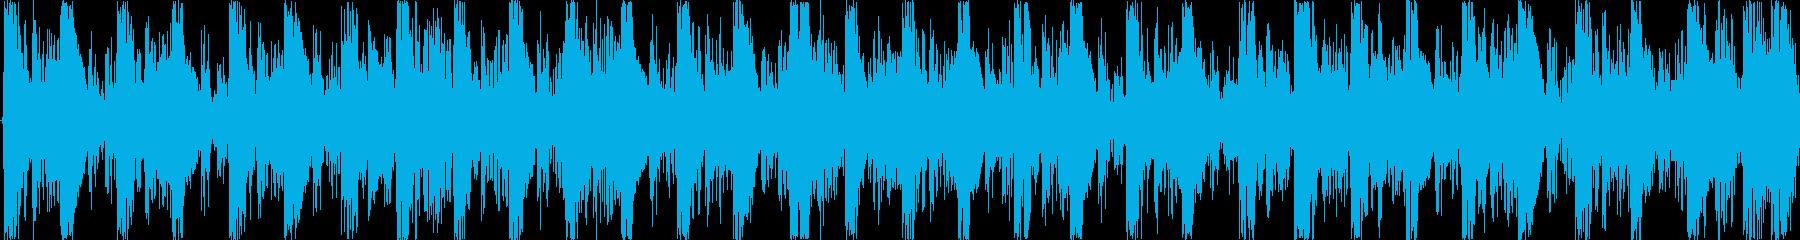 ハウスのリズムを基本にした楽曲です。の再生済みの波形